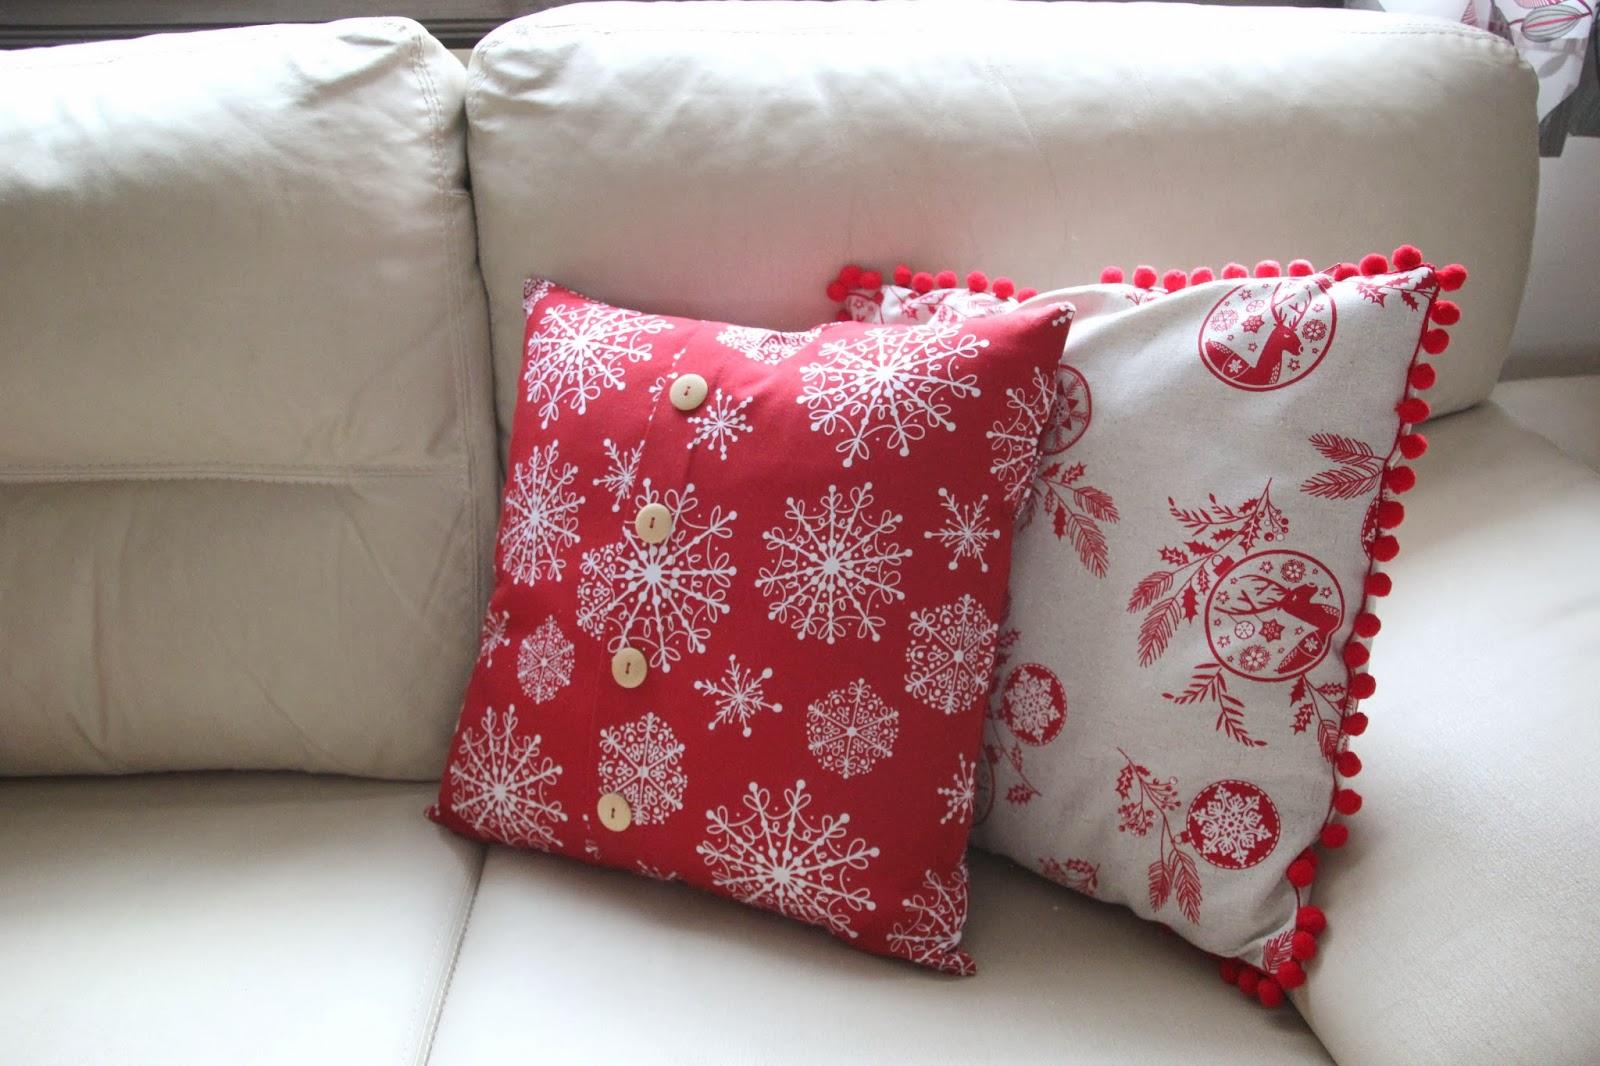 Diy navidad c mo hacer cojines para decorar tu casa en - Hacer cojines sofa ...